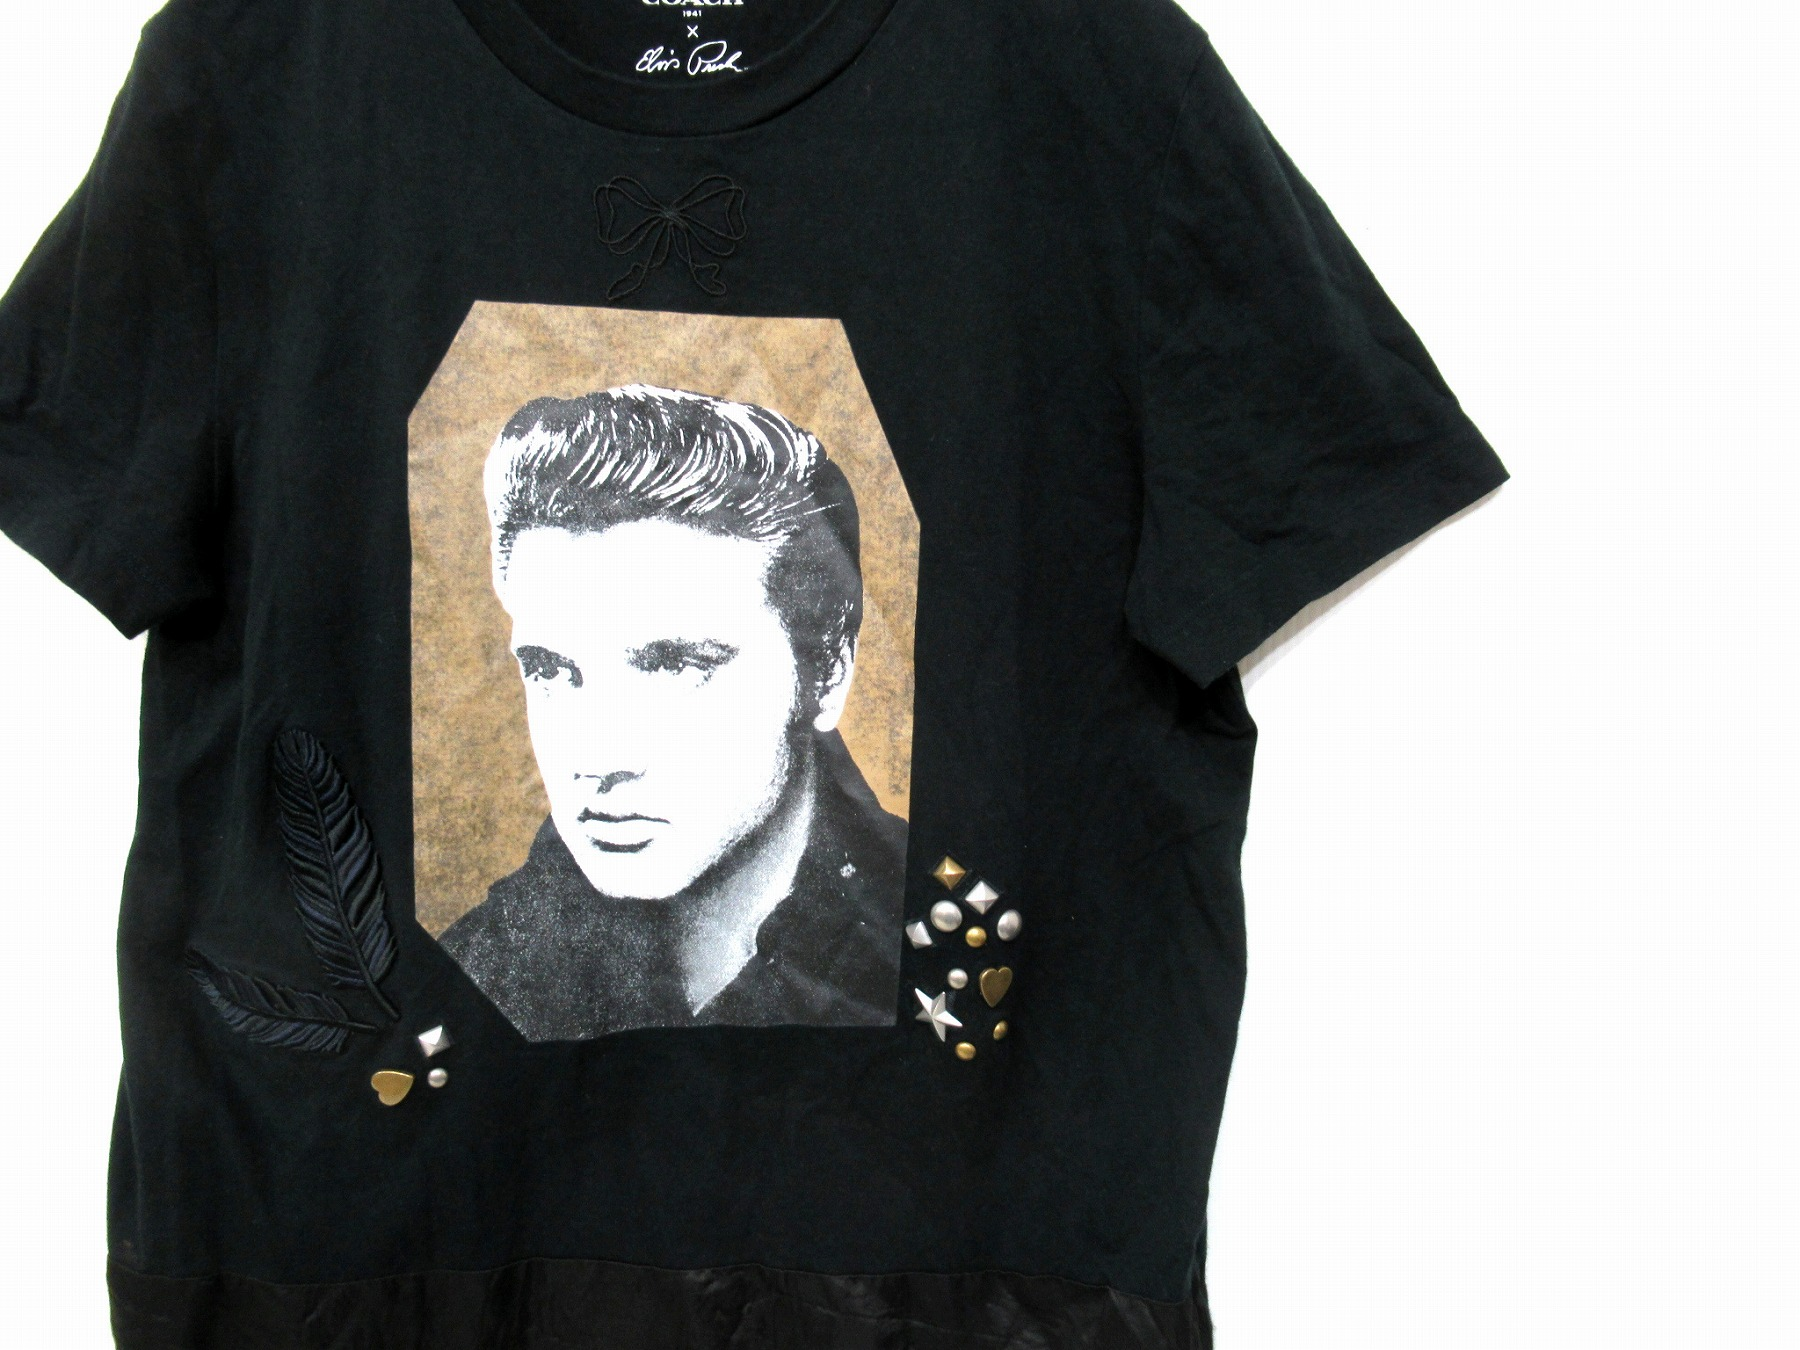 COACH(コーチ)×Elvis Presley 異色のコラボTシャツが入荷しました。